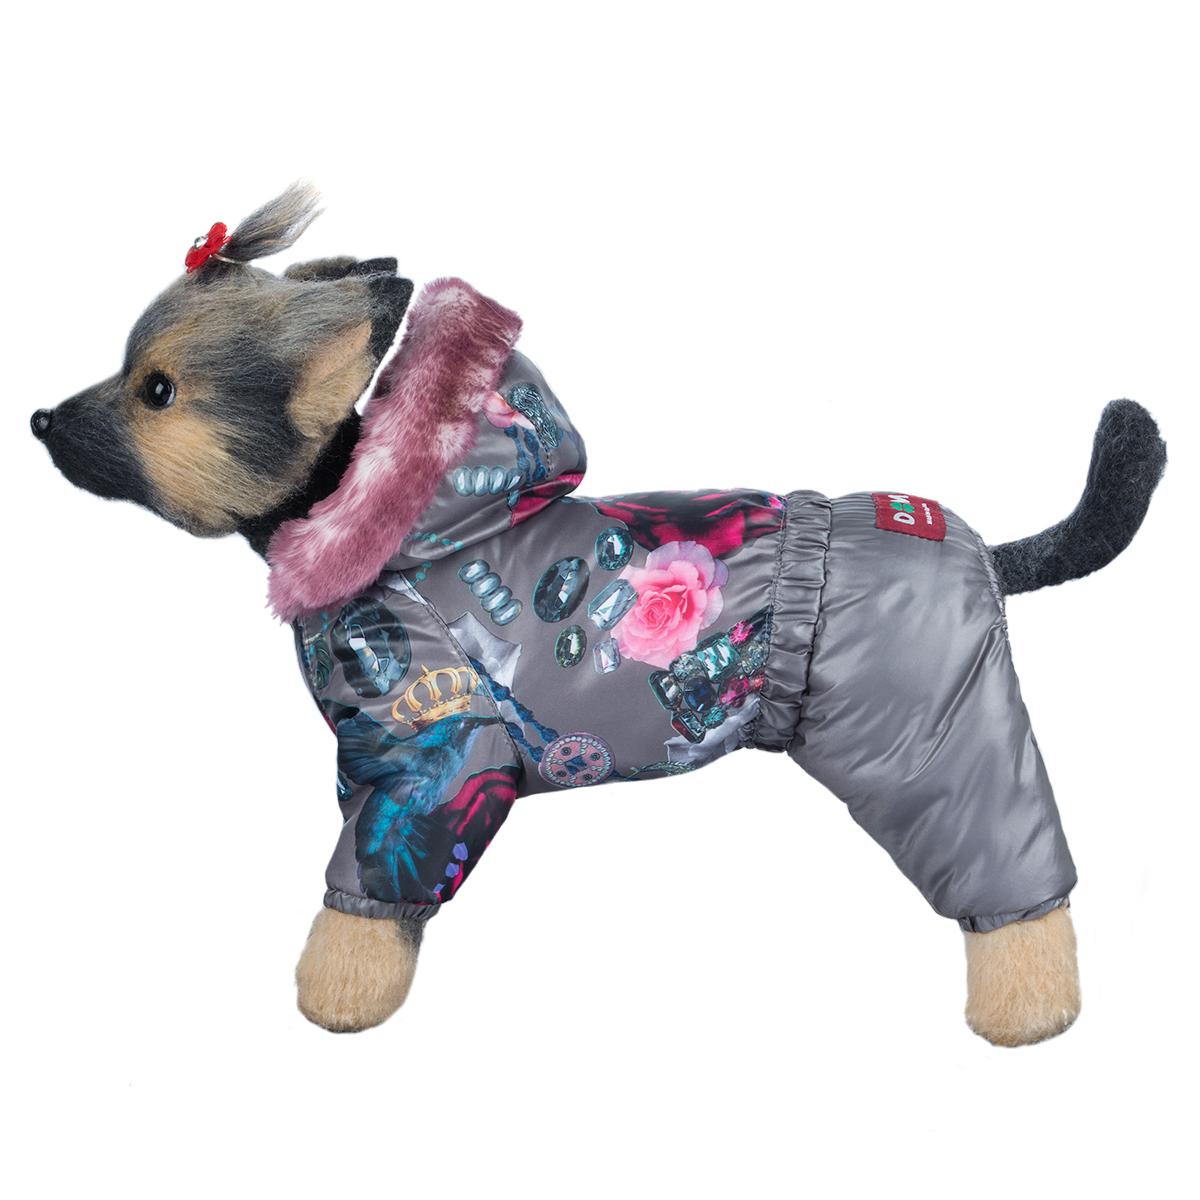 Комбинезон для собак Dogmoda Гламур, для девочки, цвет: серый, розовый. Размер 4 (XL)DM-160296-4Зимний комбинезон для собак Dogmoda Гламурr предназначен для собачек женского пола. Отлично подойдет для прогулок в зимнее время года. Комбинезон изготовлен из полиэстера, защищающего от ветра и снега, с утеплителем из синтепона, который сохранит тепло даже в сильные морозы, а на подкладке используется искусственный мех, который обеспечивает отличный воздухообмен. Комбинезон с капюшоном застегивается на кнопки, благодаря чему его легко надевать и снимать. Капюшон украшен искусственным мехом и не отстегивается. Низ рукавов и брючин оснащен внутренними резинками, которые мягко обхватывают лапки, не позволяя просачиваться холодному воздуху. На пояснице комбинезон затягивается на шнурок-кулиску. Благодаря такому комбинезону простуда не грозит вашему питомцу.